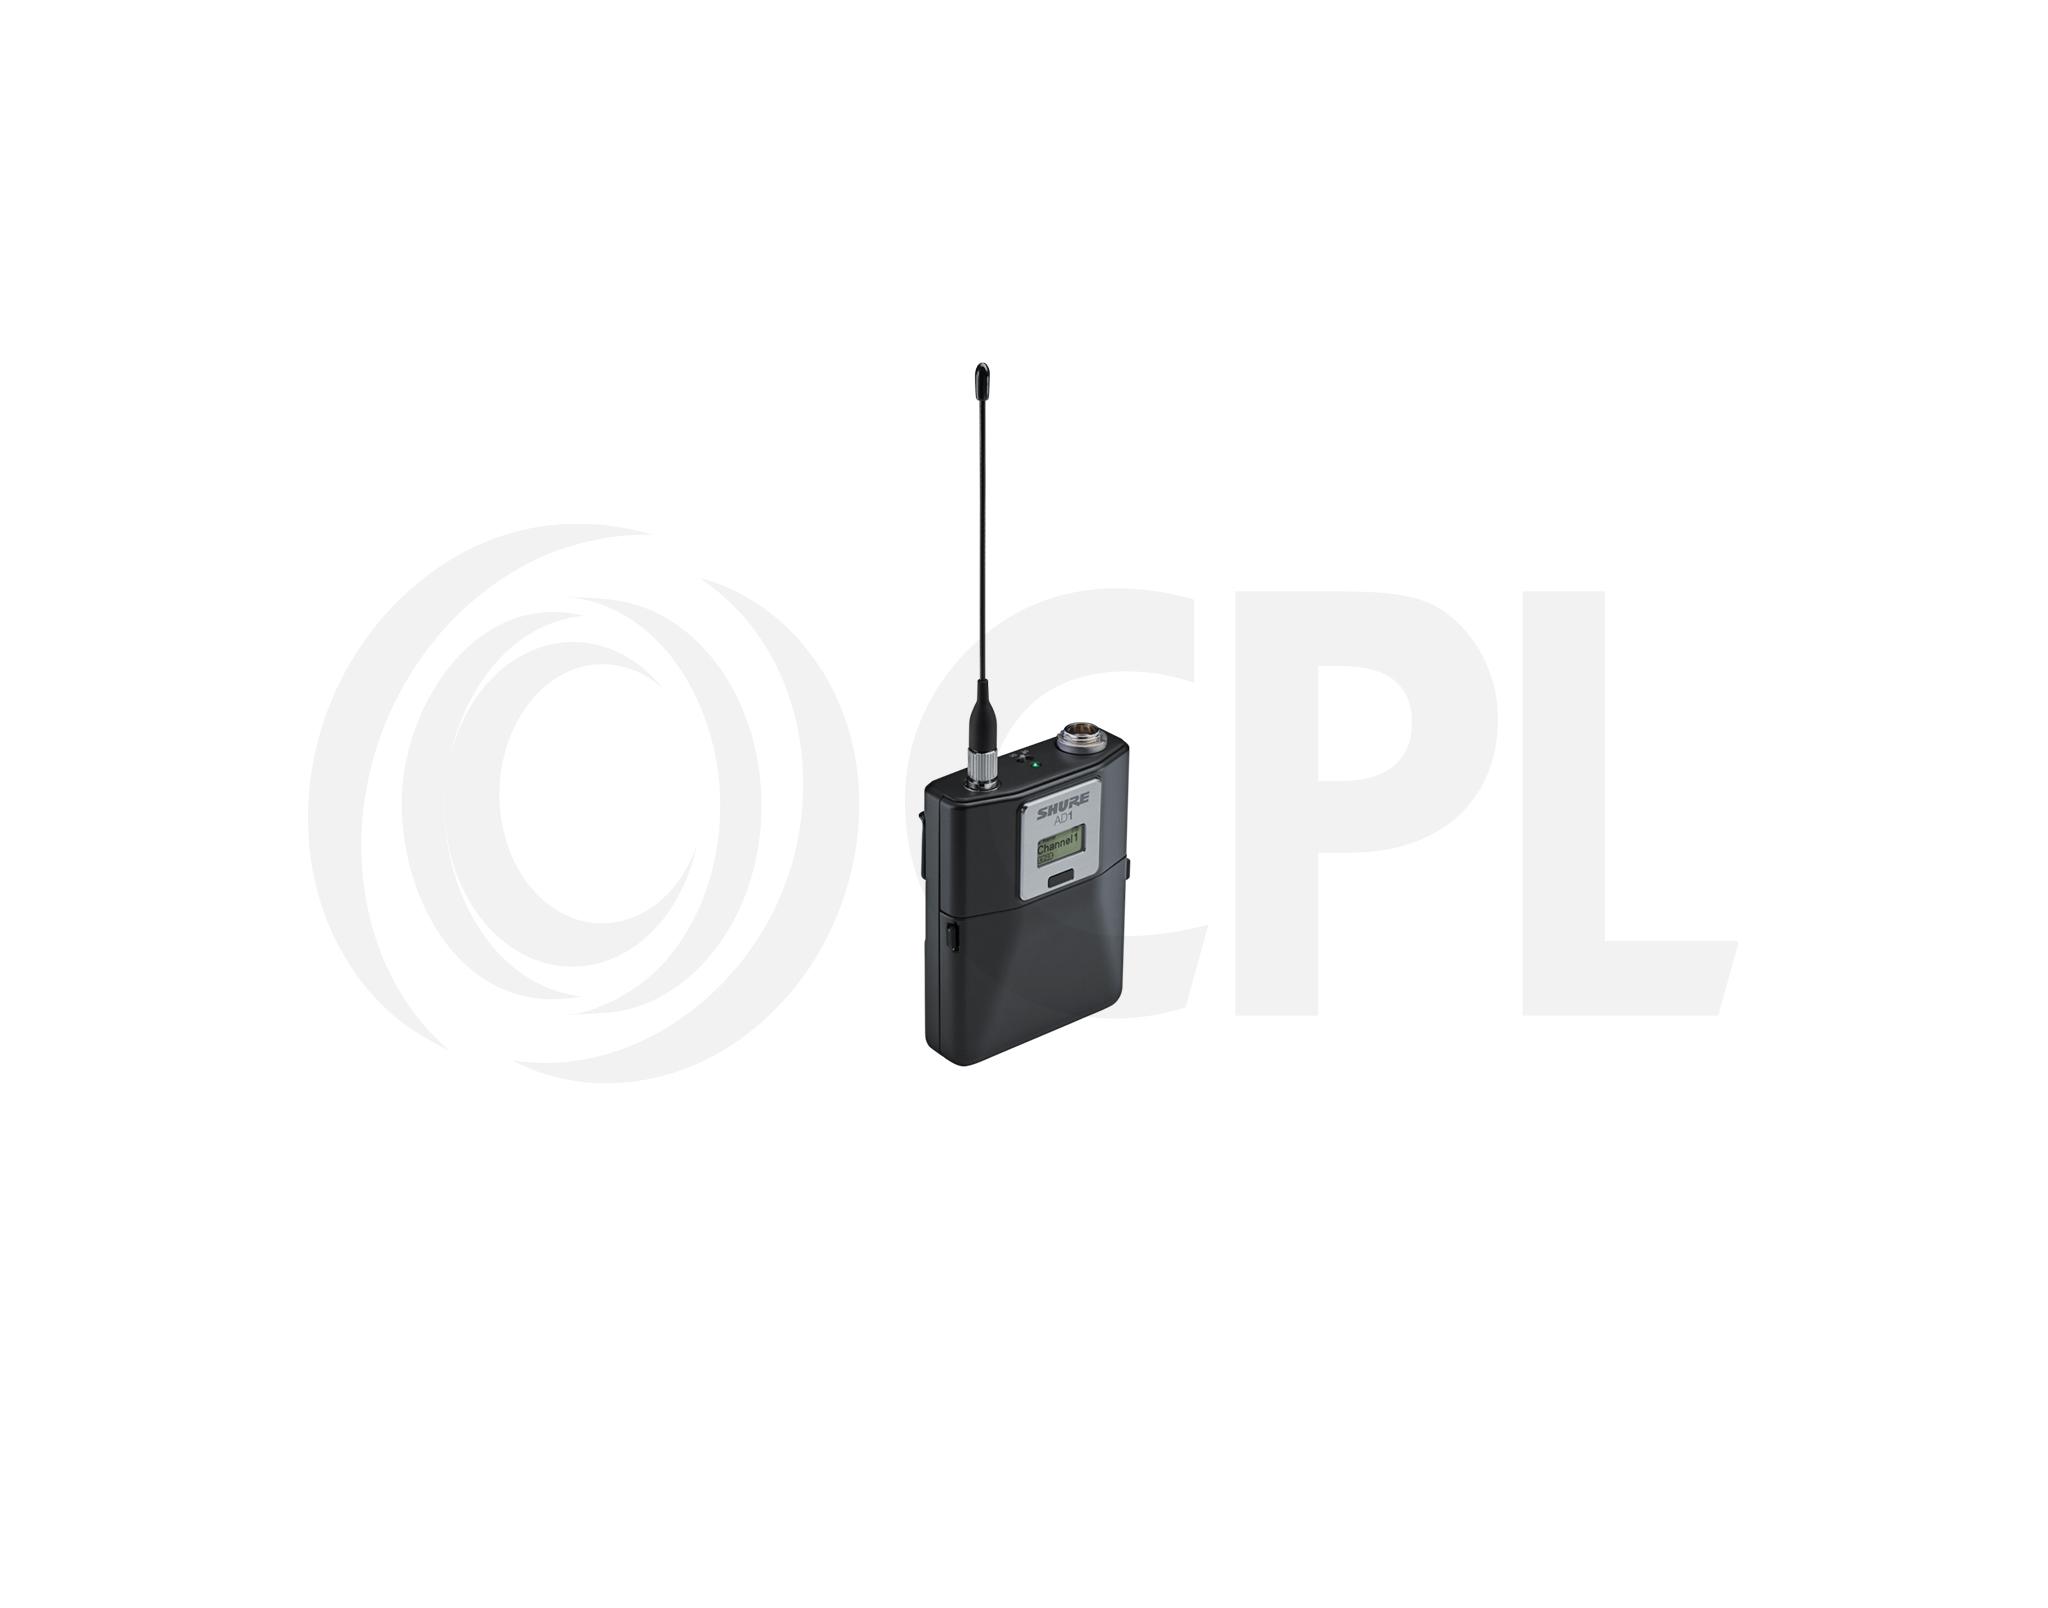 AD1 Bodypack Transmitter